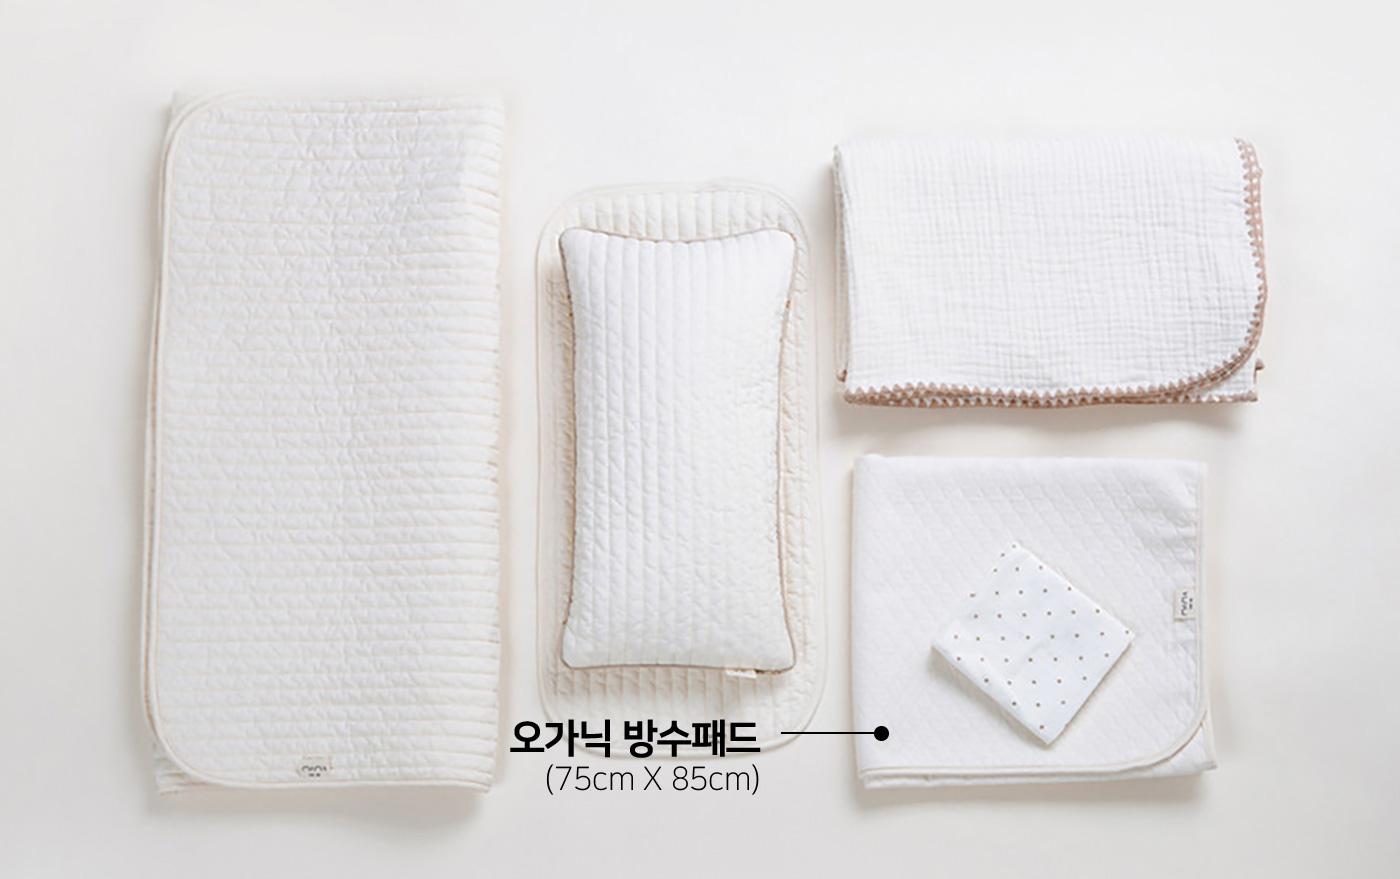 프리미엄 출산 종합 선물 세트 상세이미지5